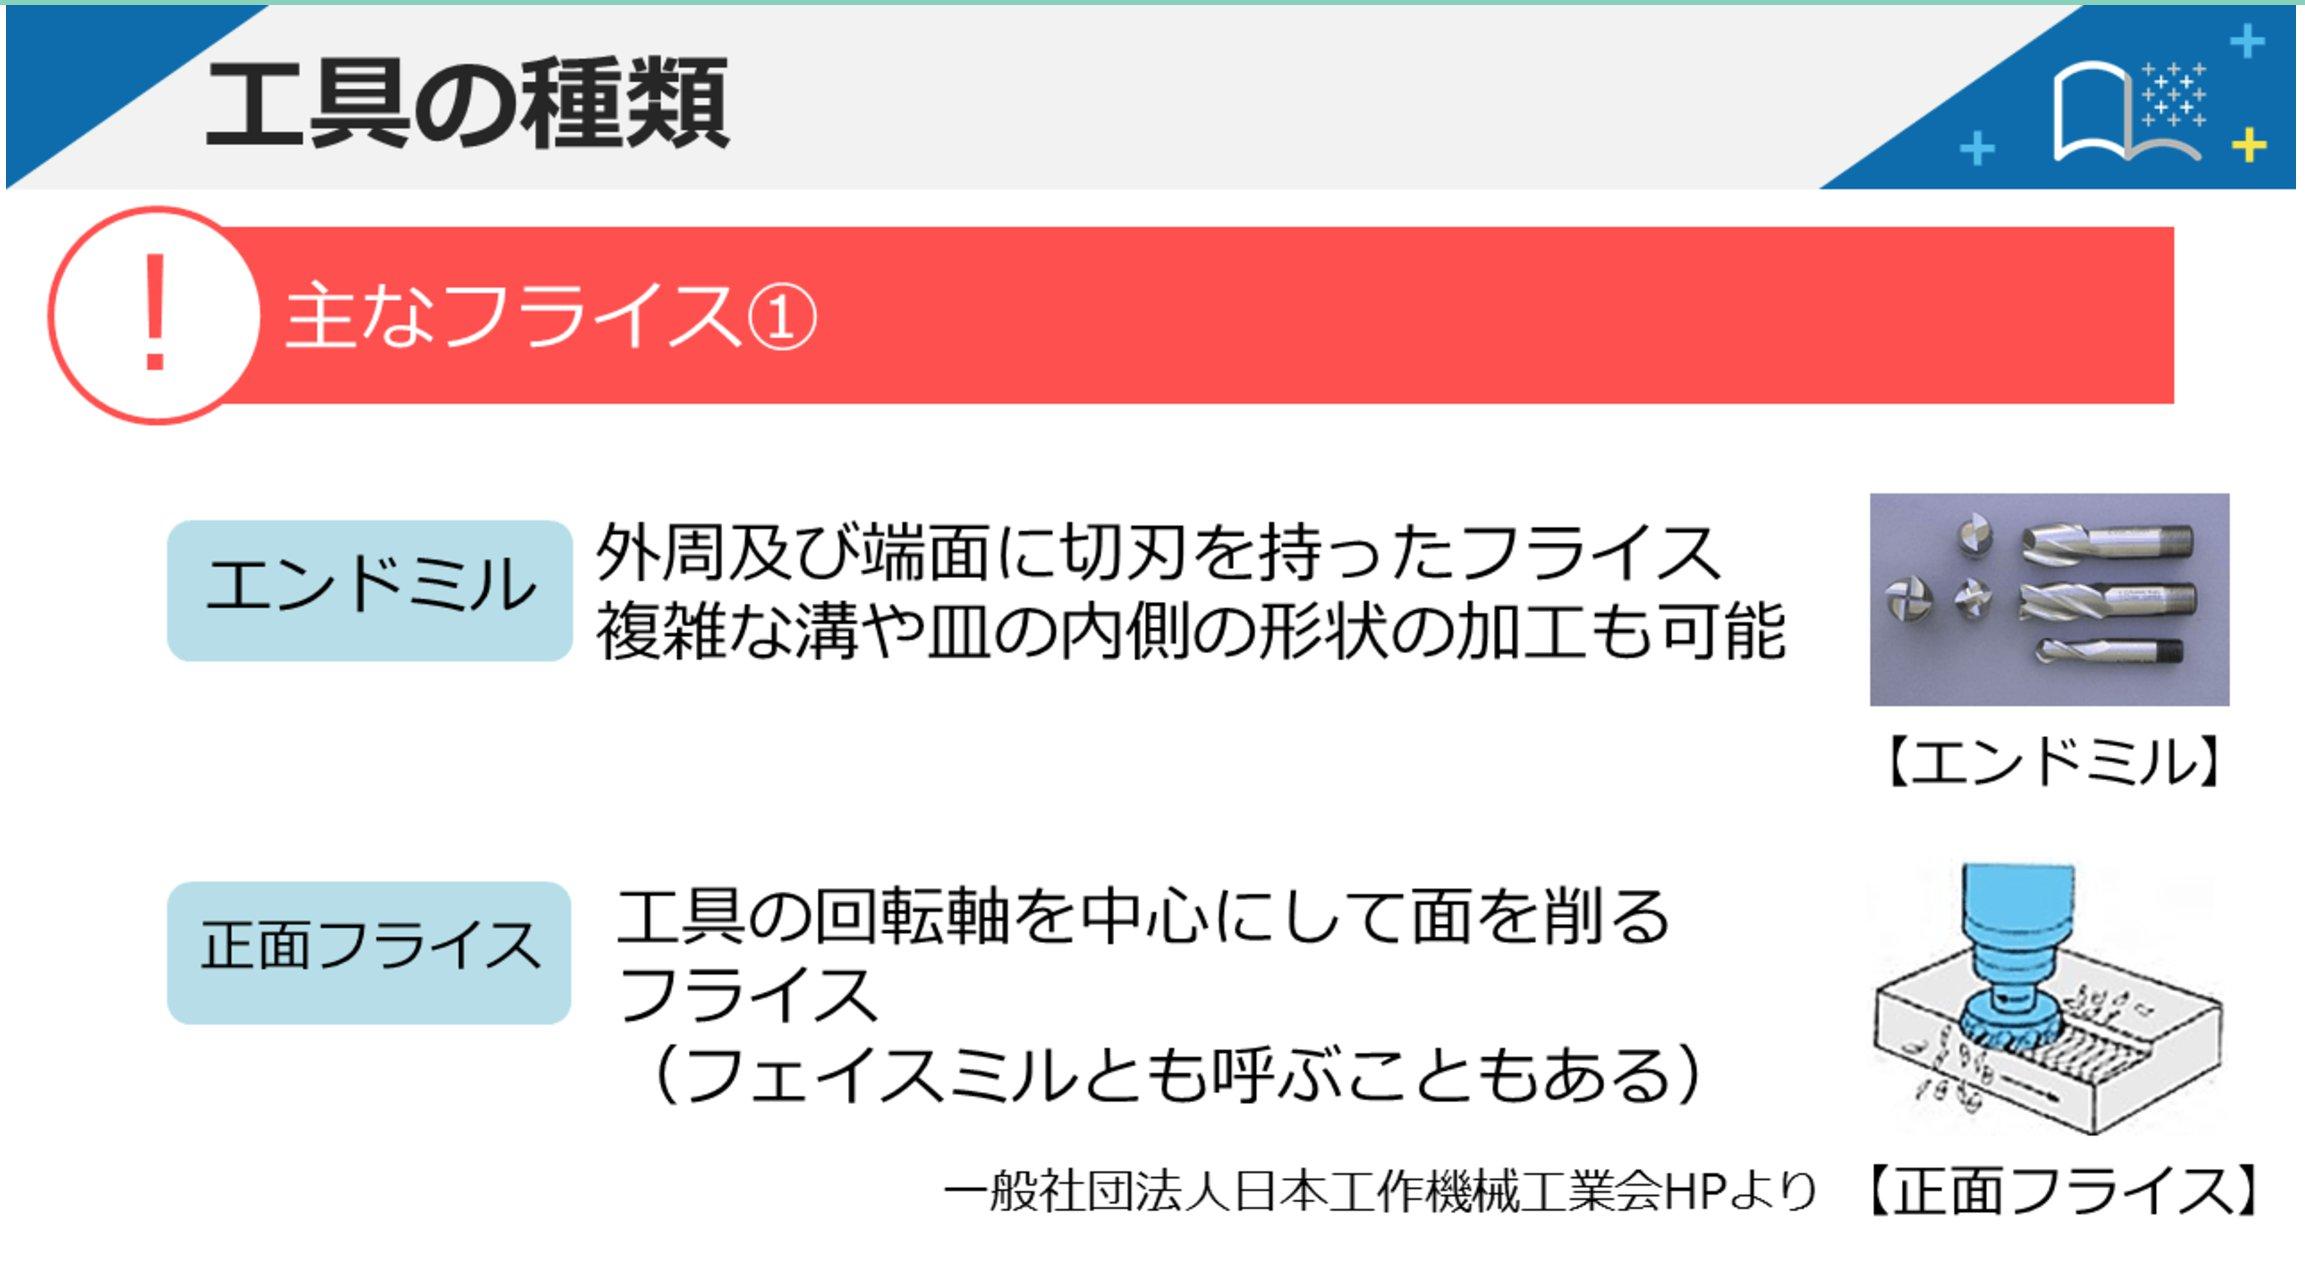 日本初のイラストで学ぶ資格取得講座の他めっき加工機械加工